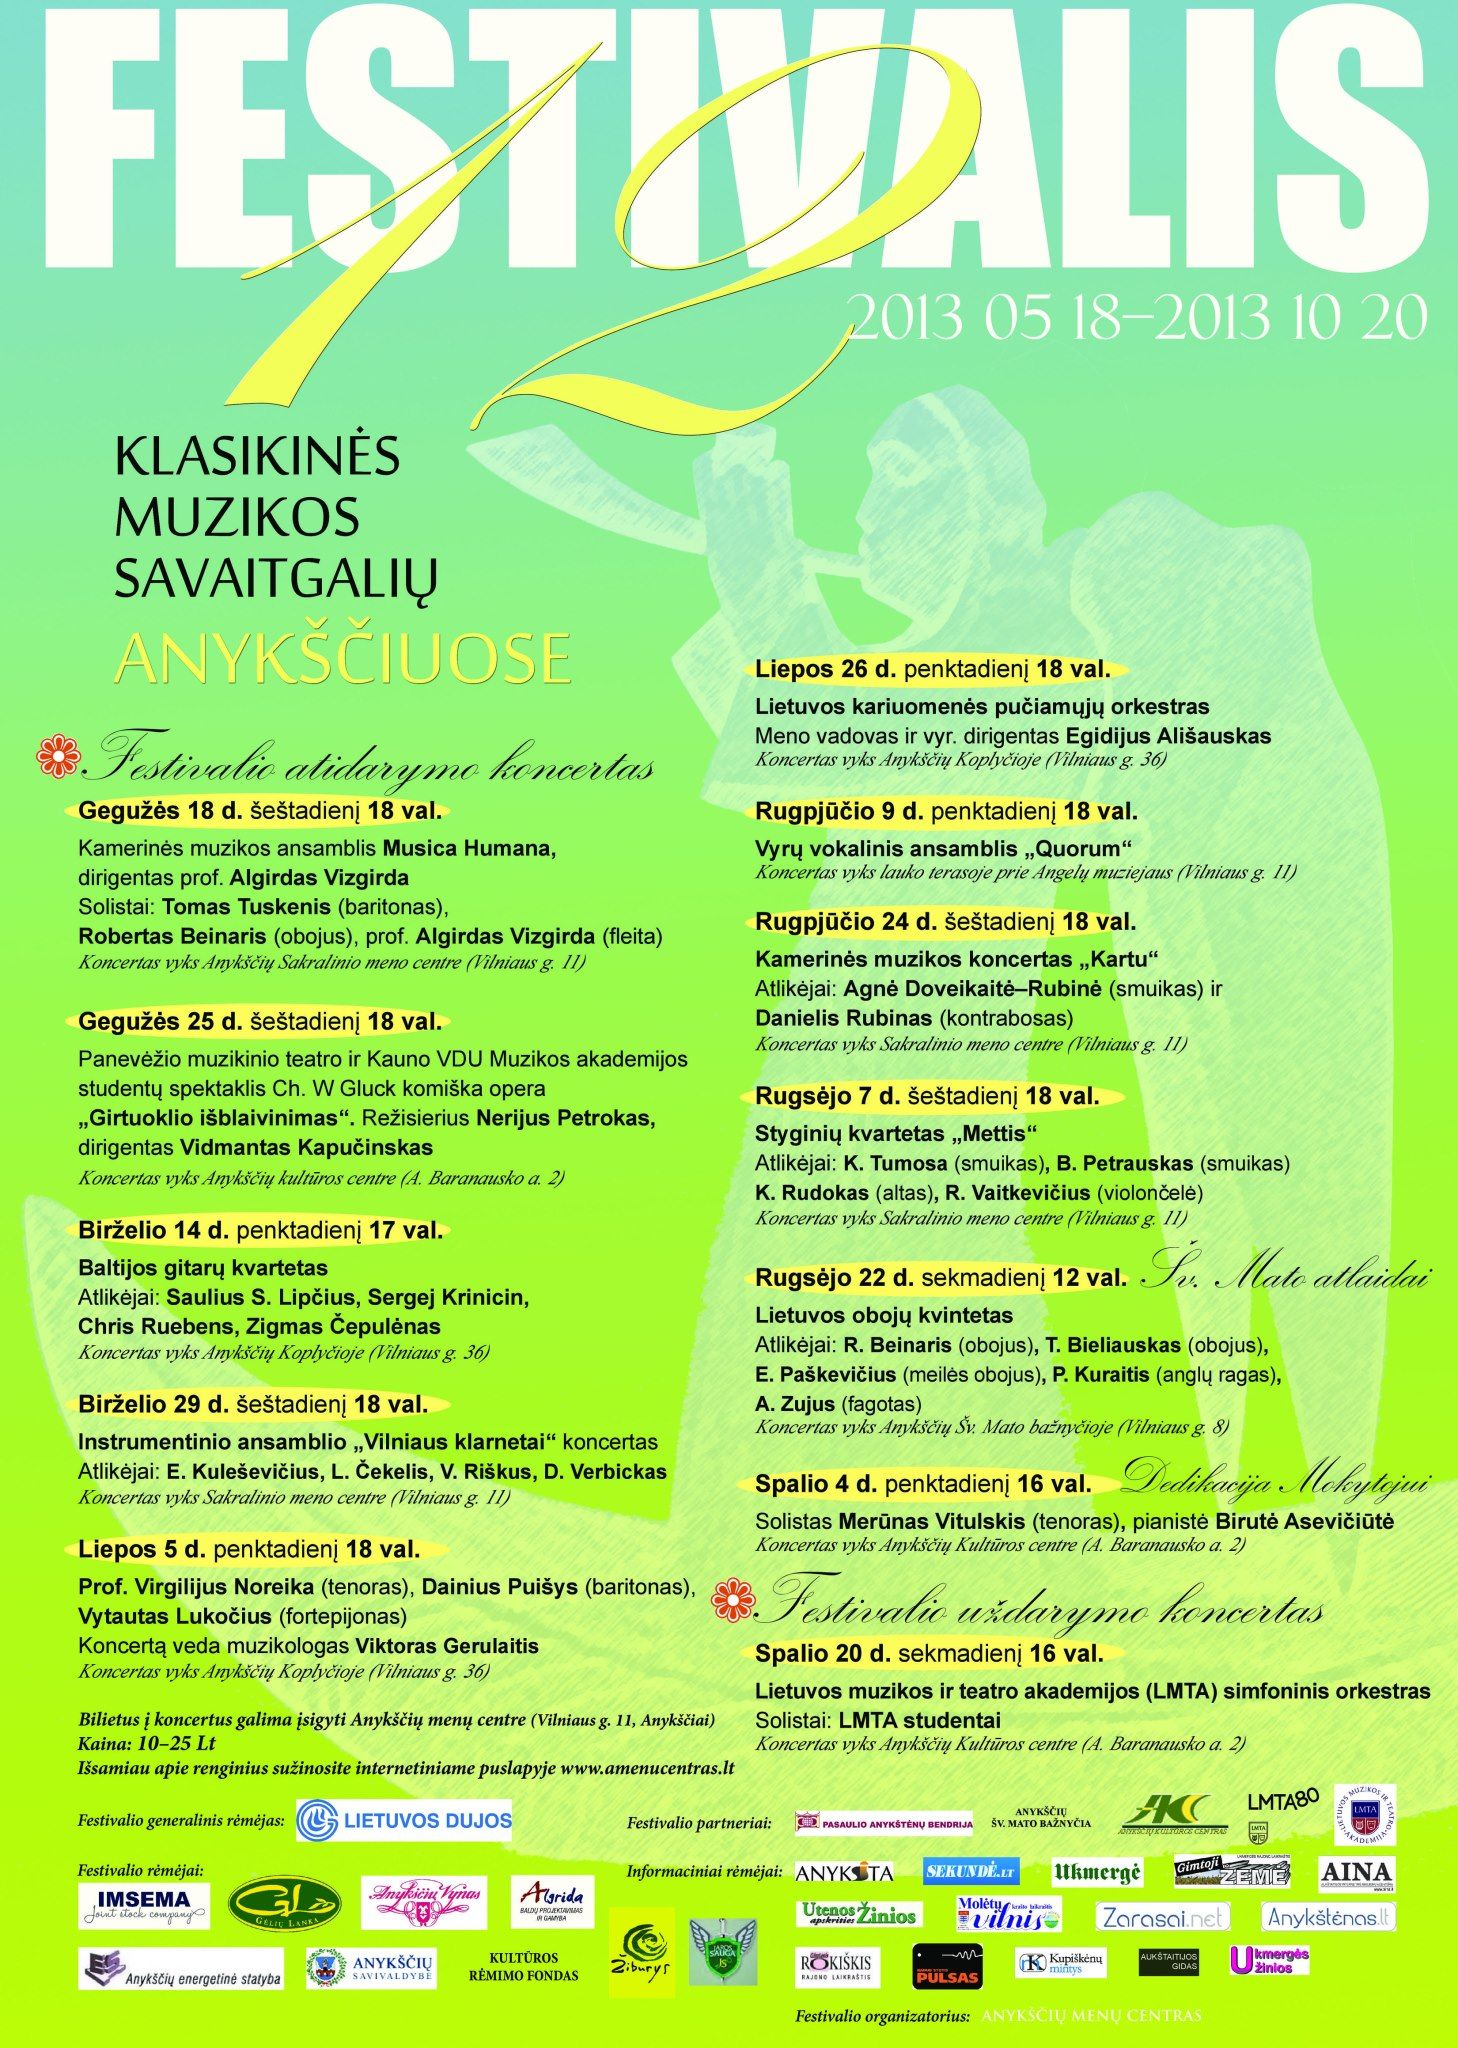 """Festivalis """"Muzikos savaitgaliai Anykščiuose"""" (2013) - Kamerinės muzikos koncertas """"Kartu"""""""